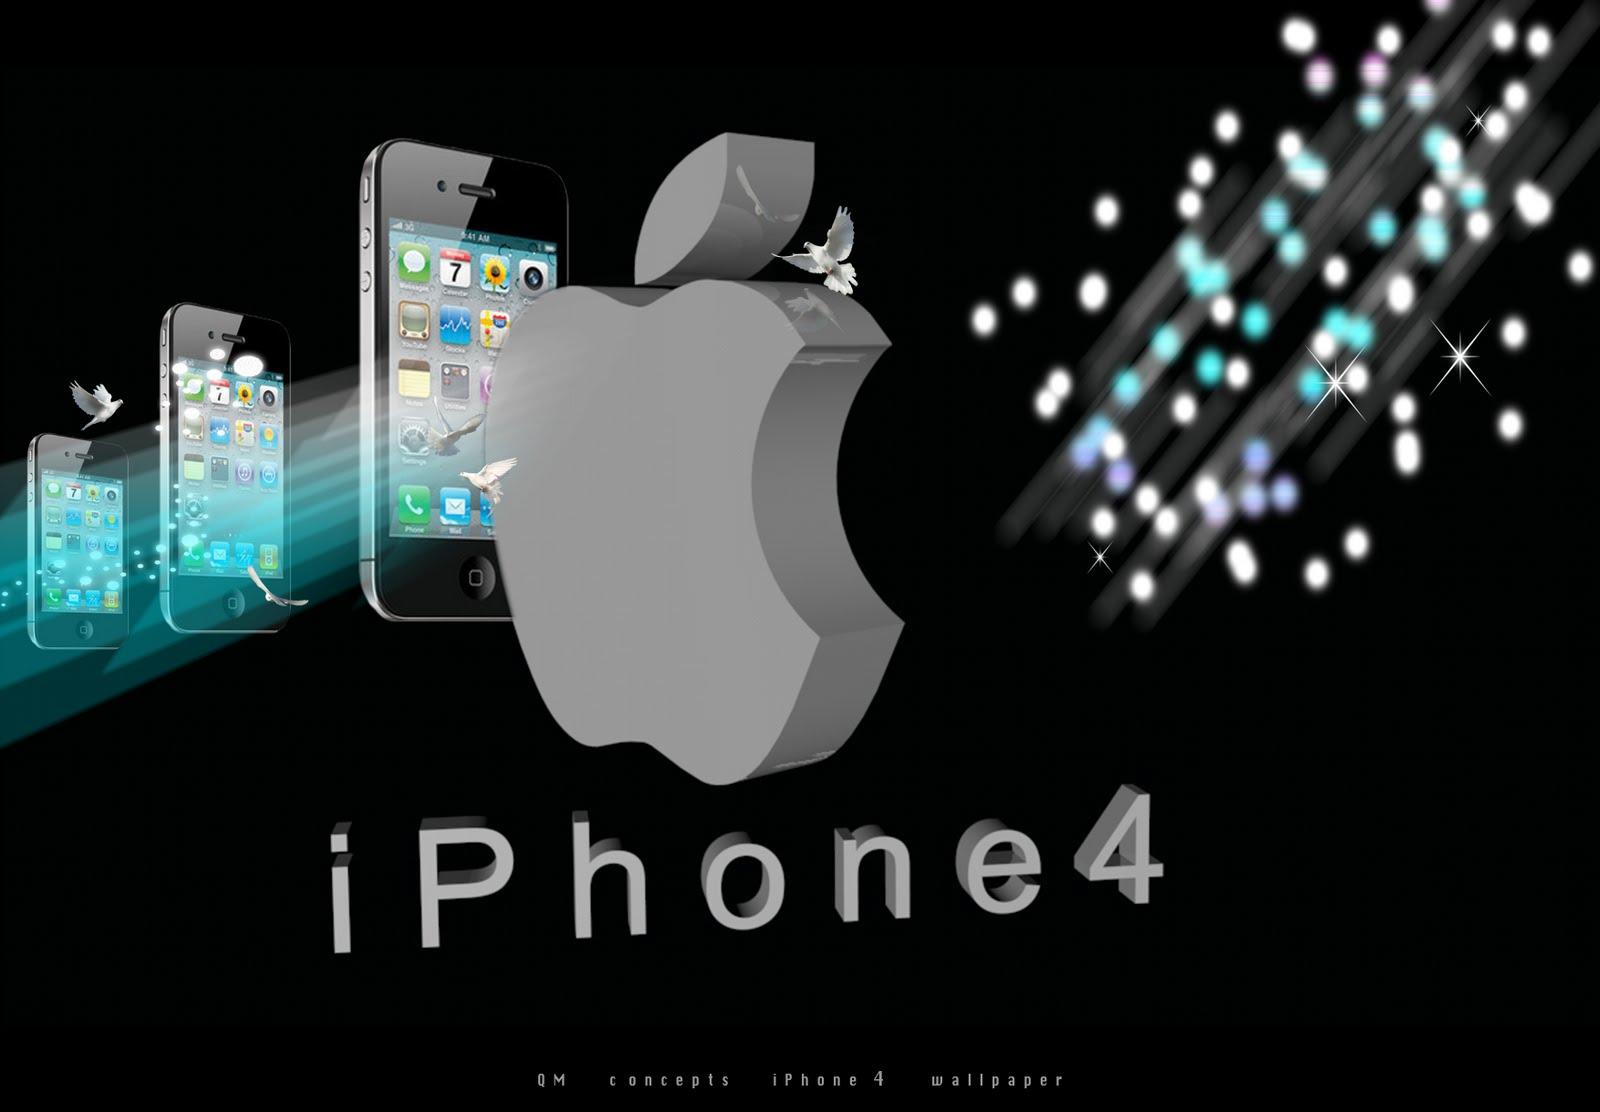 http://4.bp.blogspot.com/-hUWFzgfj9gA/TVh14gR3RLI/AAAAAAAAA40/BaVfpY4vjVg/s1600/QM%252Bconcepts%252Ban%252BiPhone%252B4%252Bwallpaper..jpg